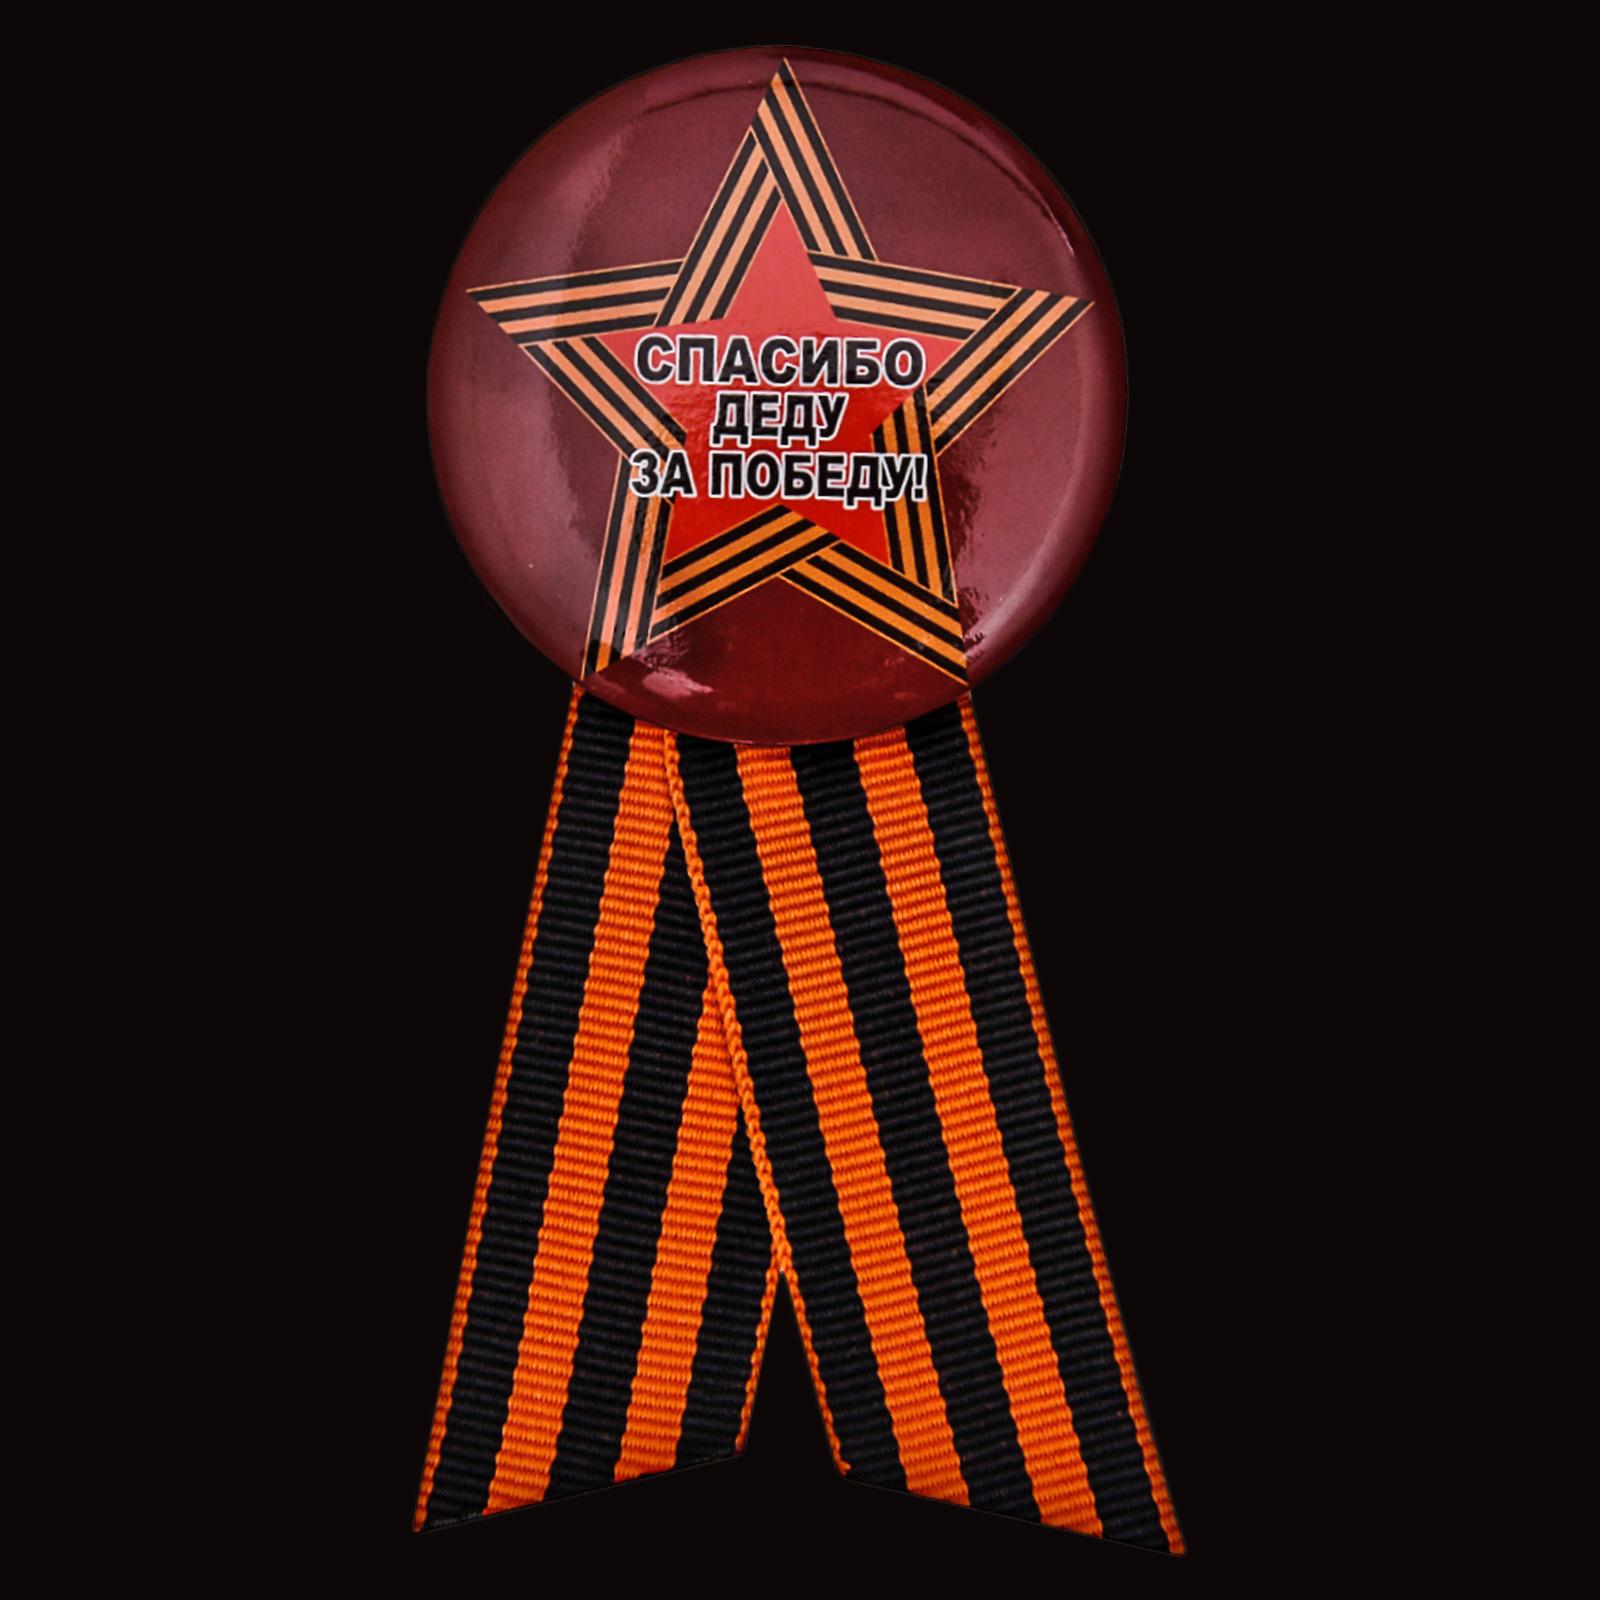 Юбилейный значок «Спасибо деду за Победу!» в Военпро